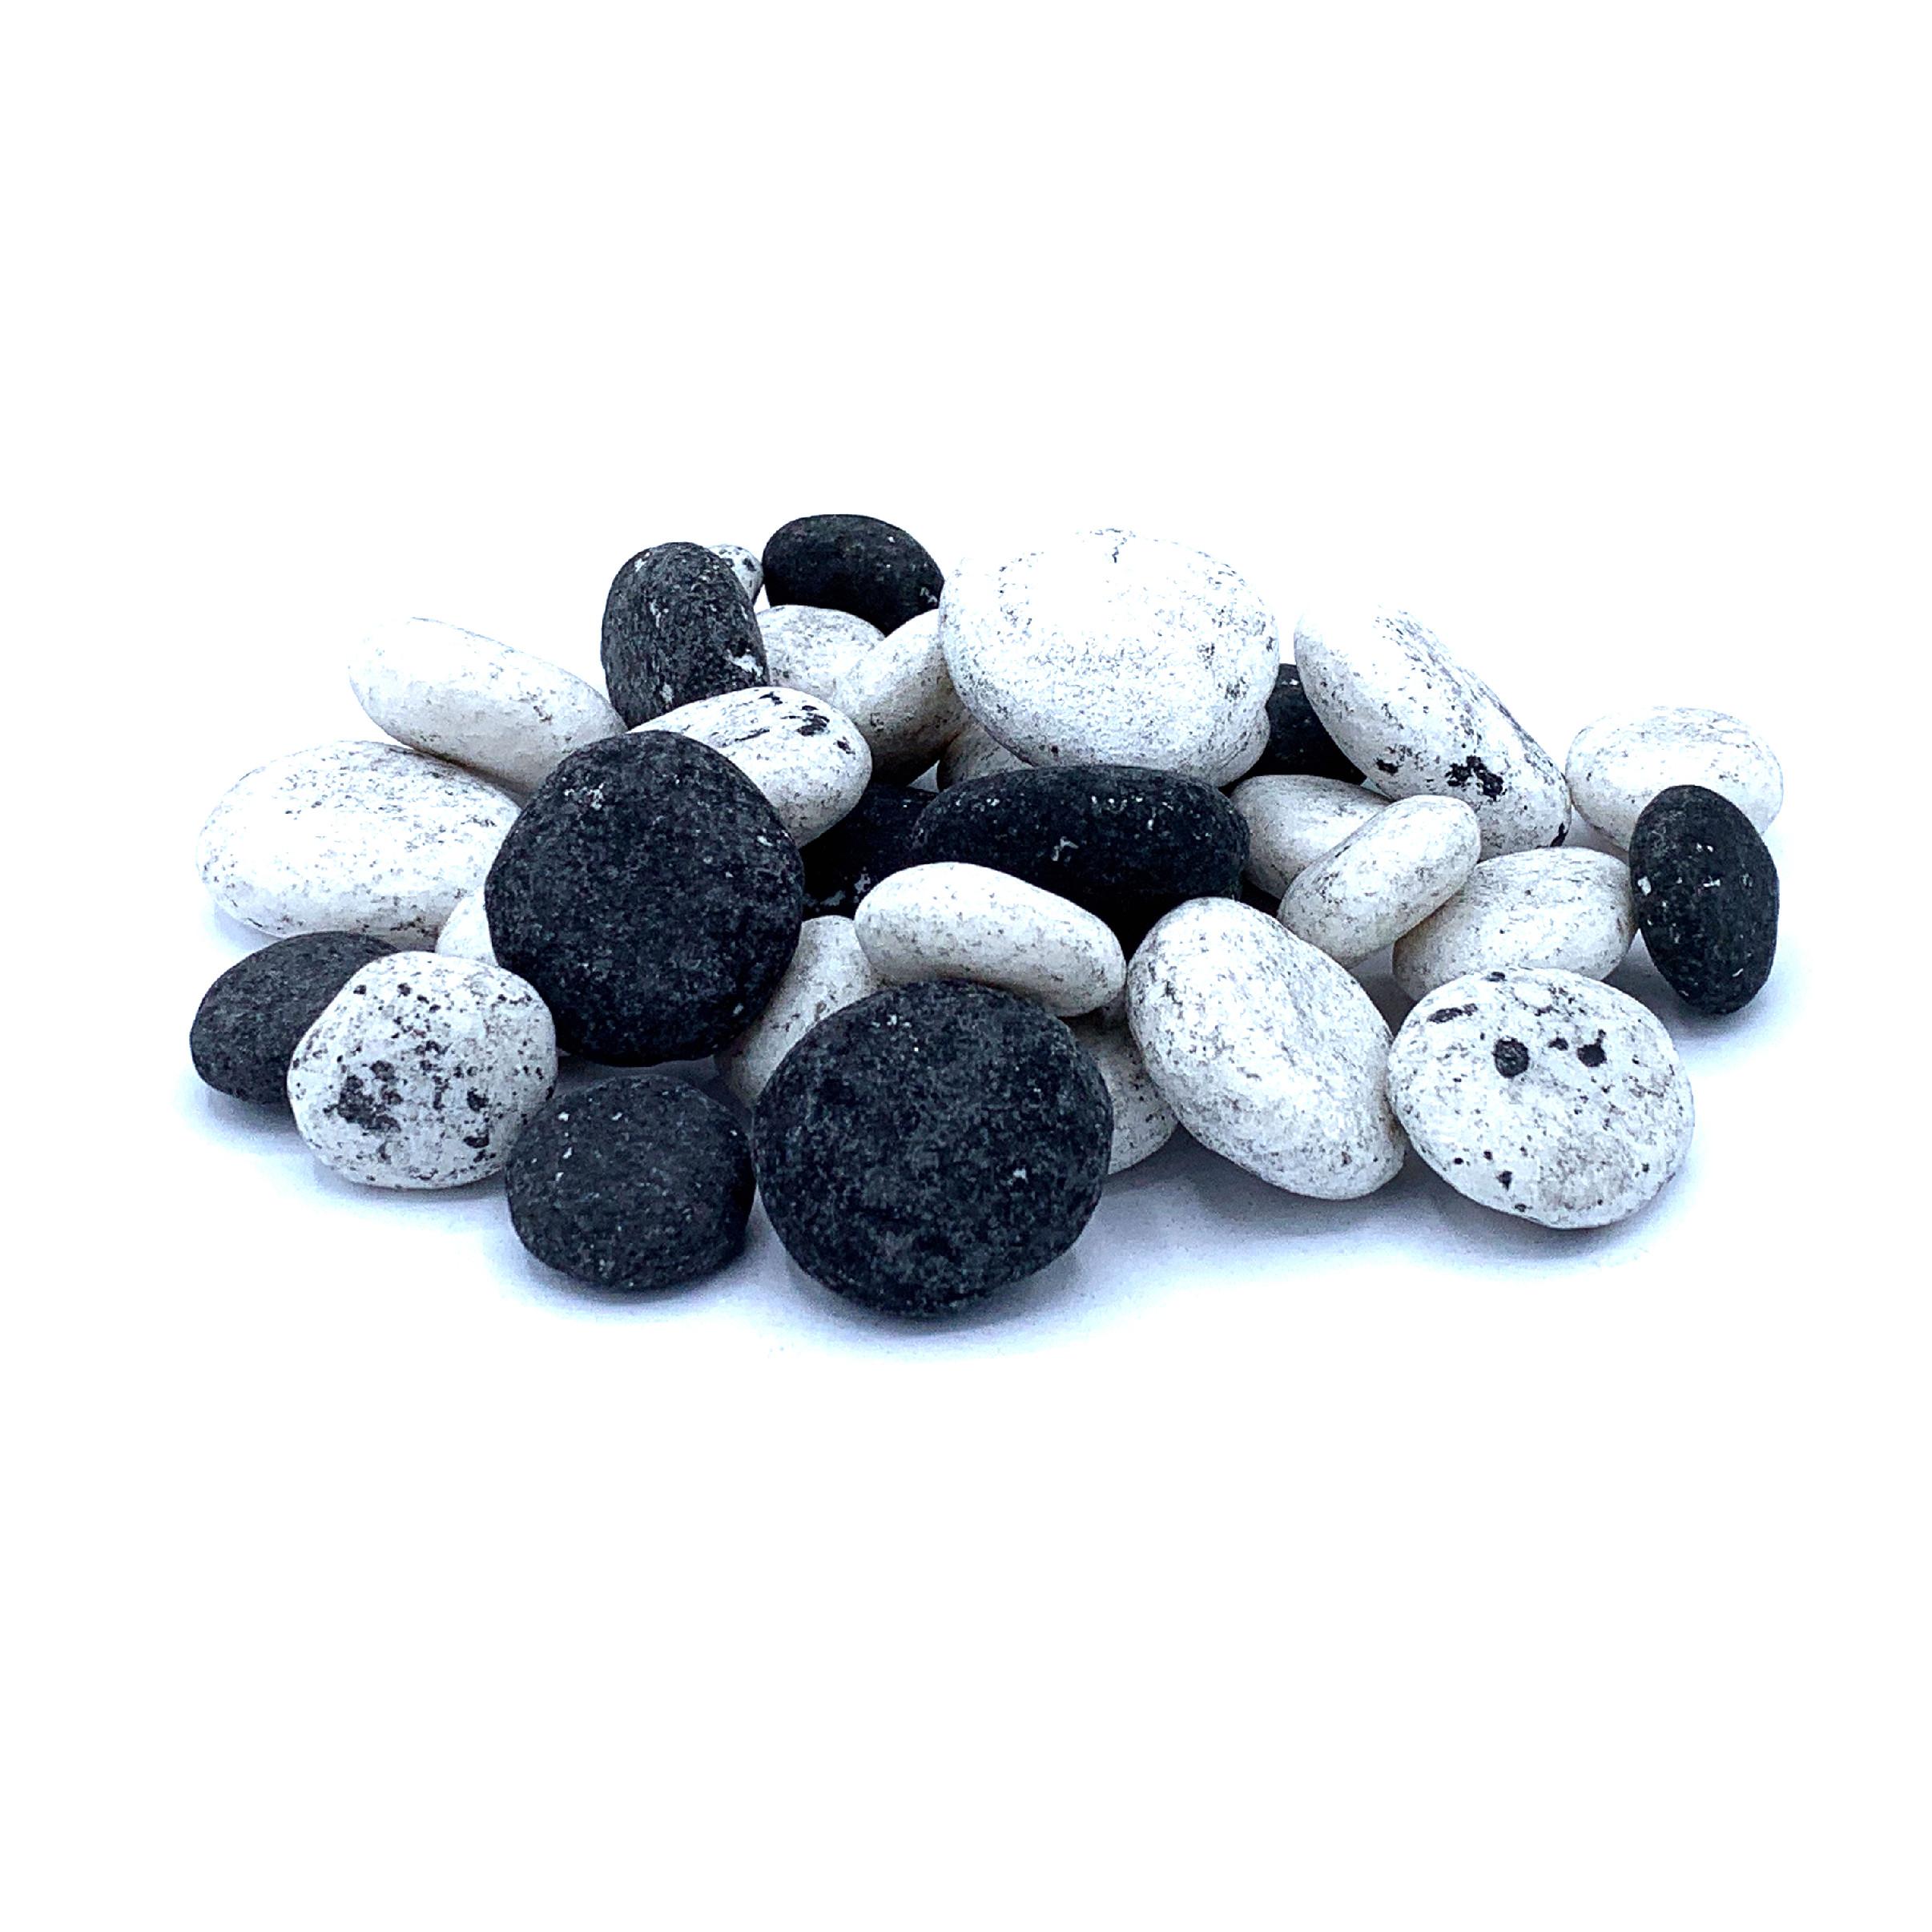 Jedlé kameny černo-bílé 150g